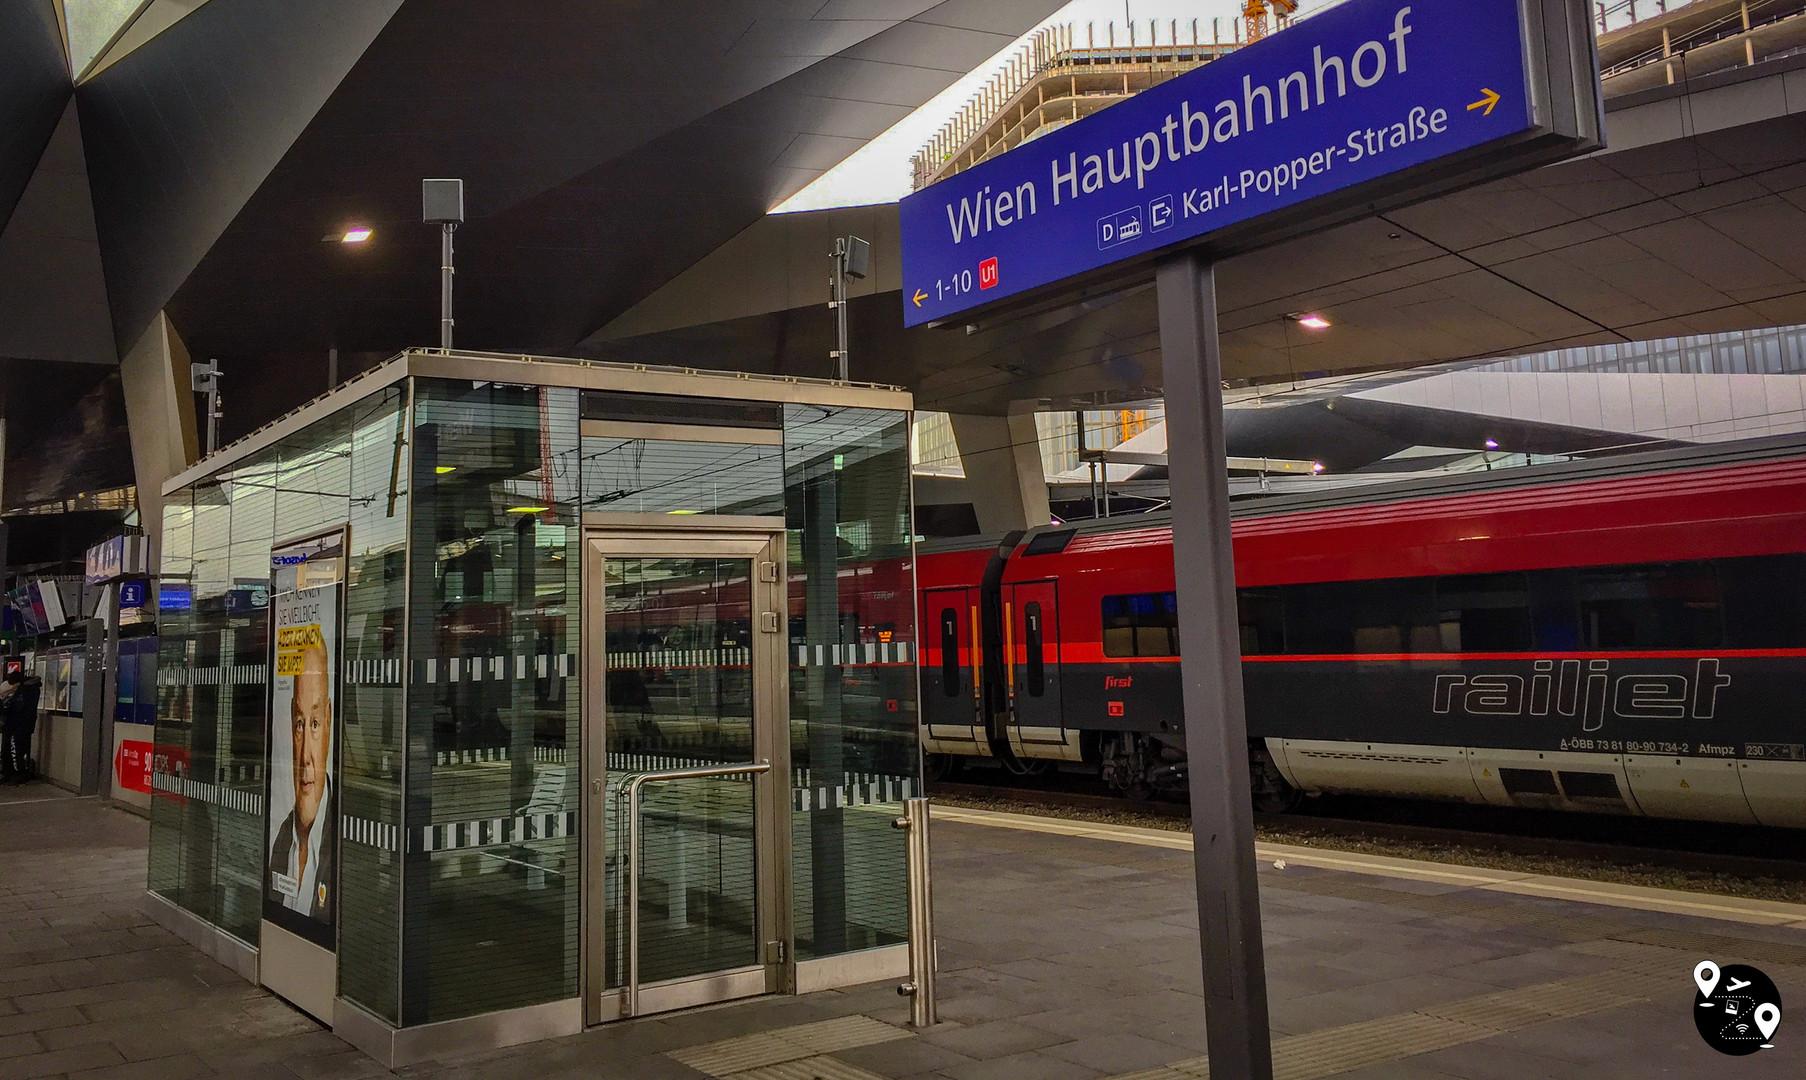 Ж/д вокзал Вены